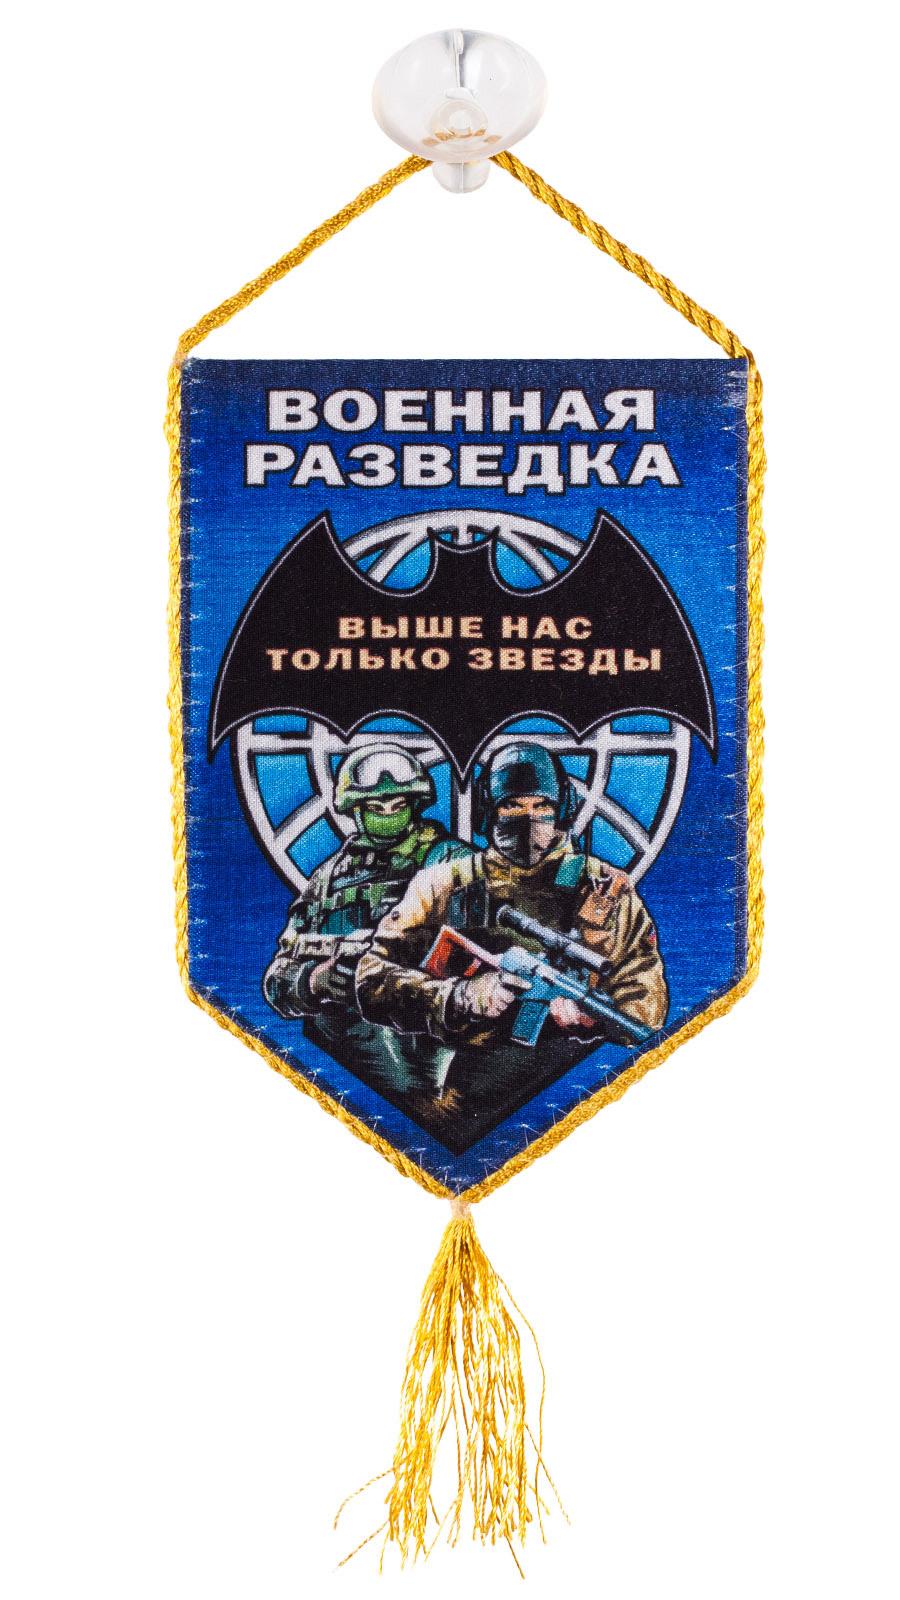 """Сувенирный вымпел """"Военная разведка"""" от Военпро"""